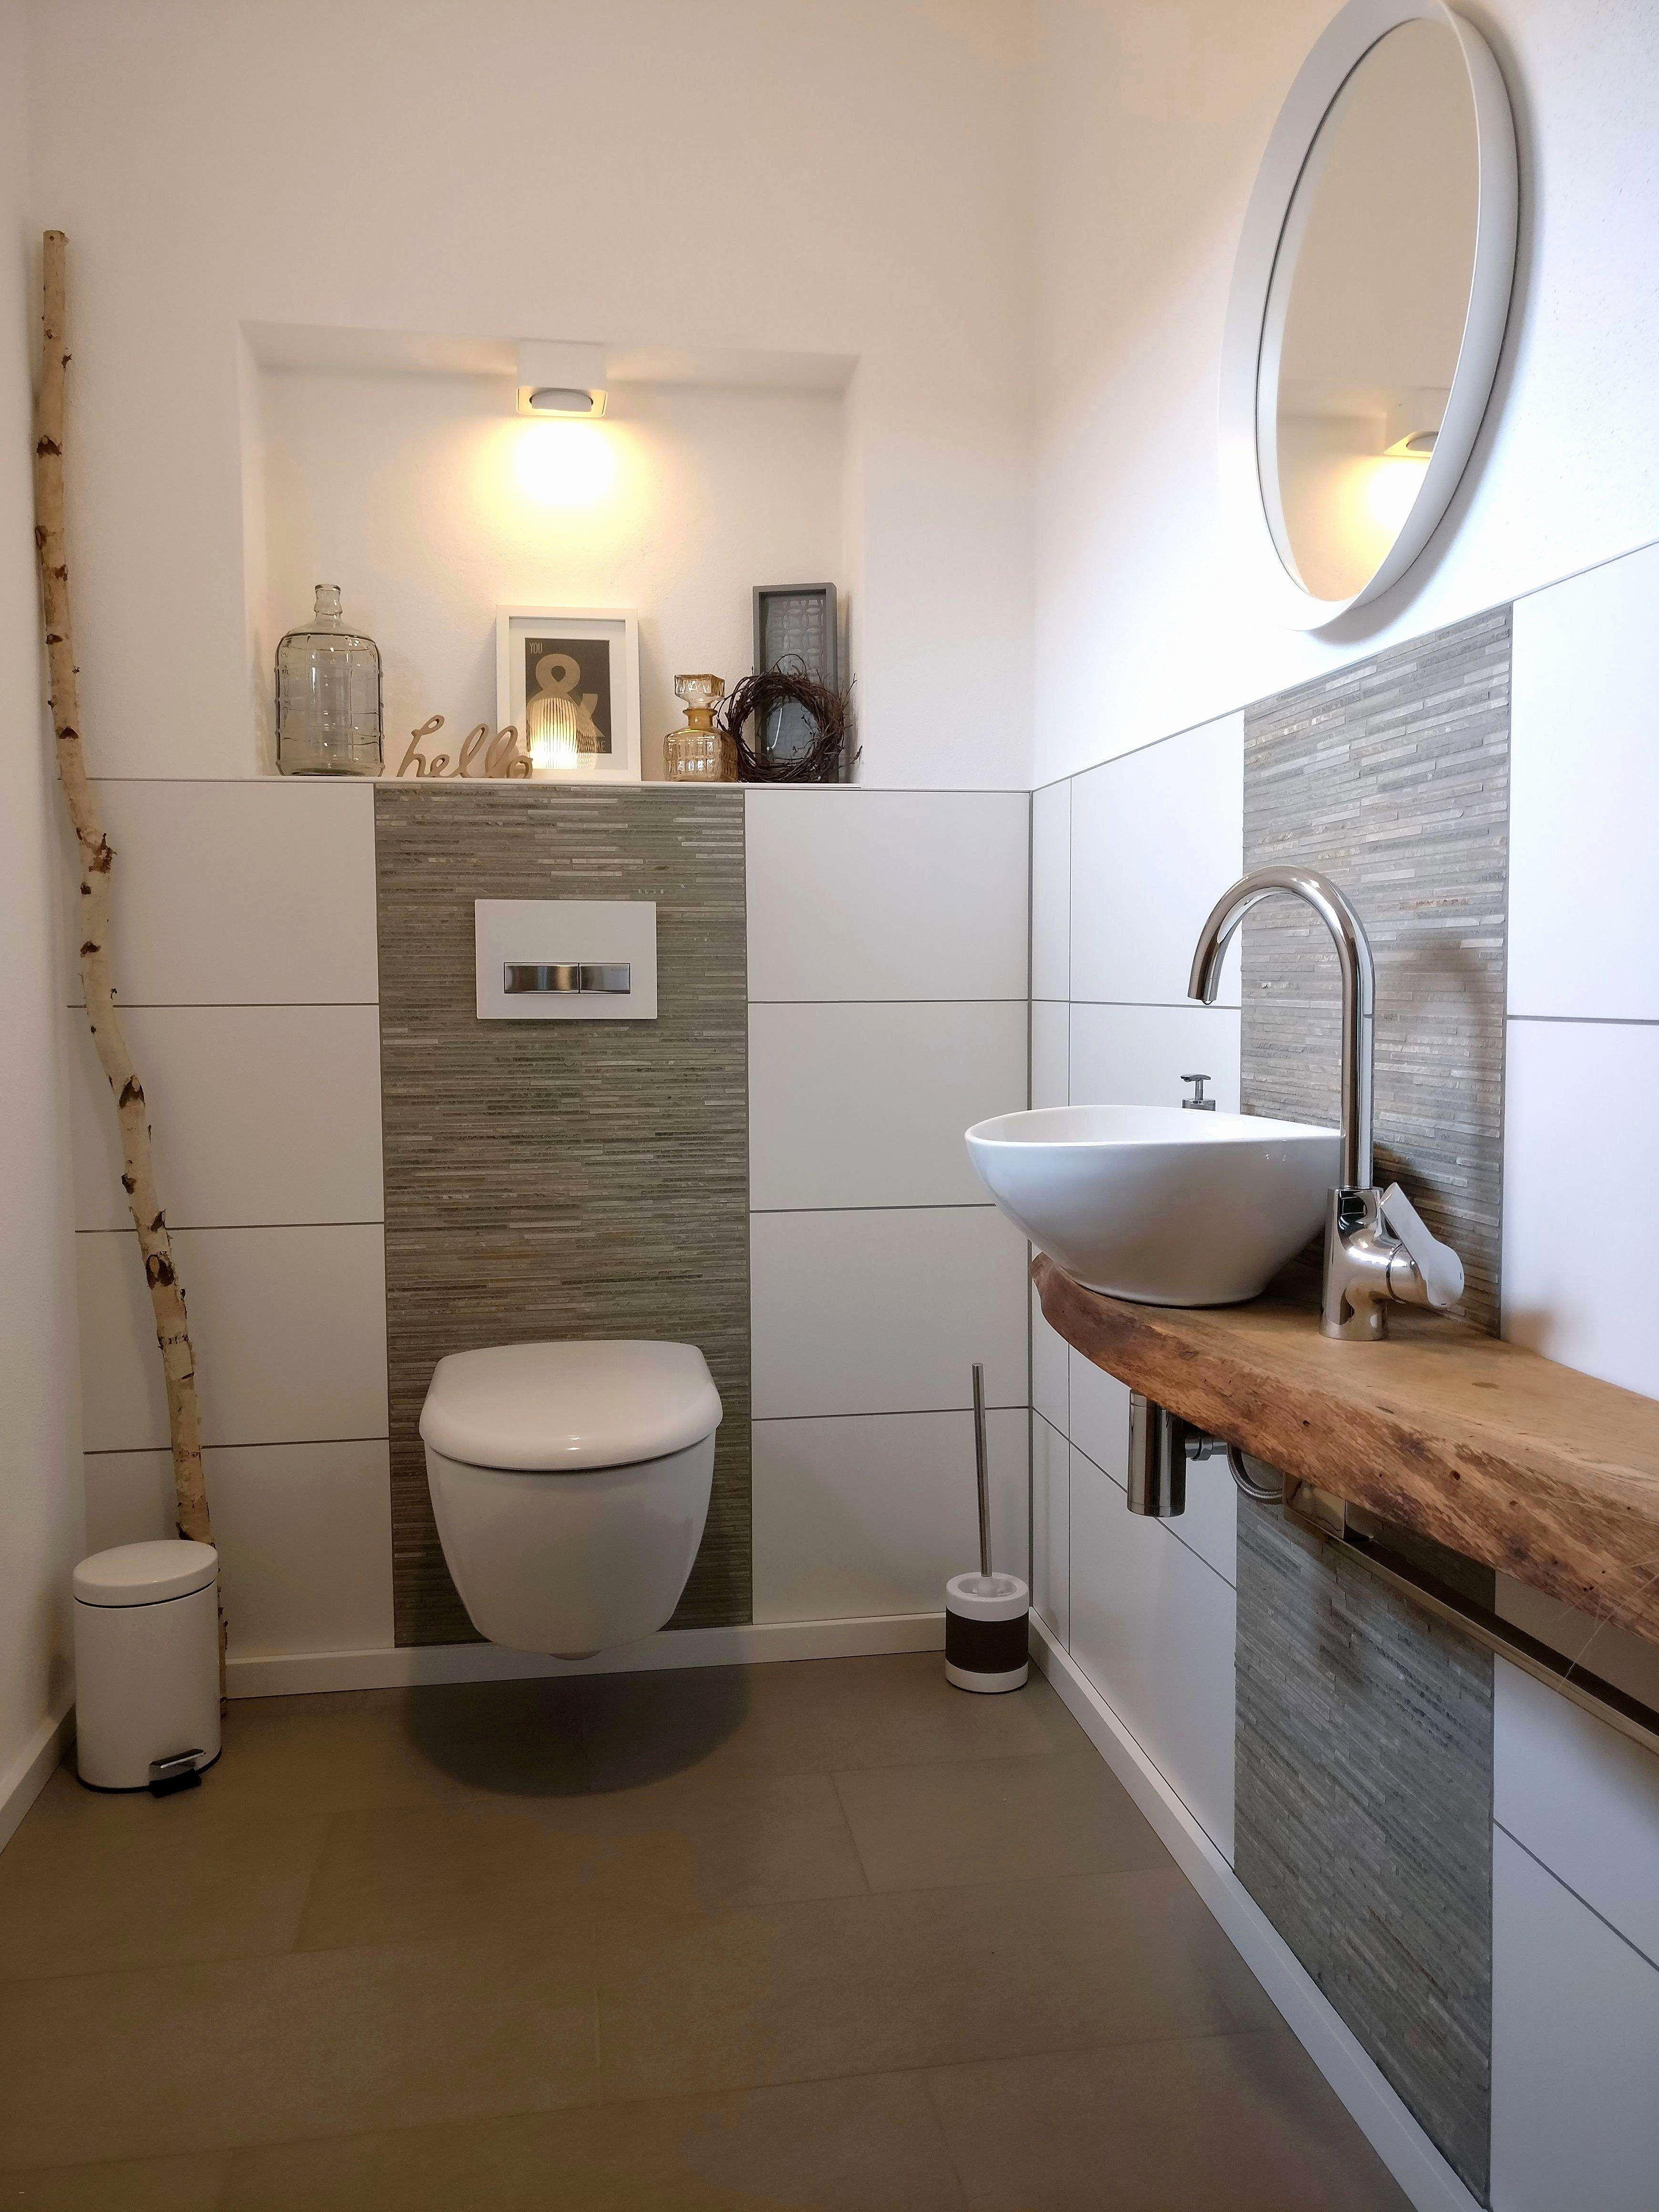 Badezimmer Ideen Haus Trier Streif Haus Bad Design Fliesen Grau